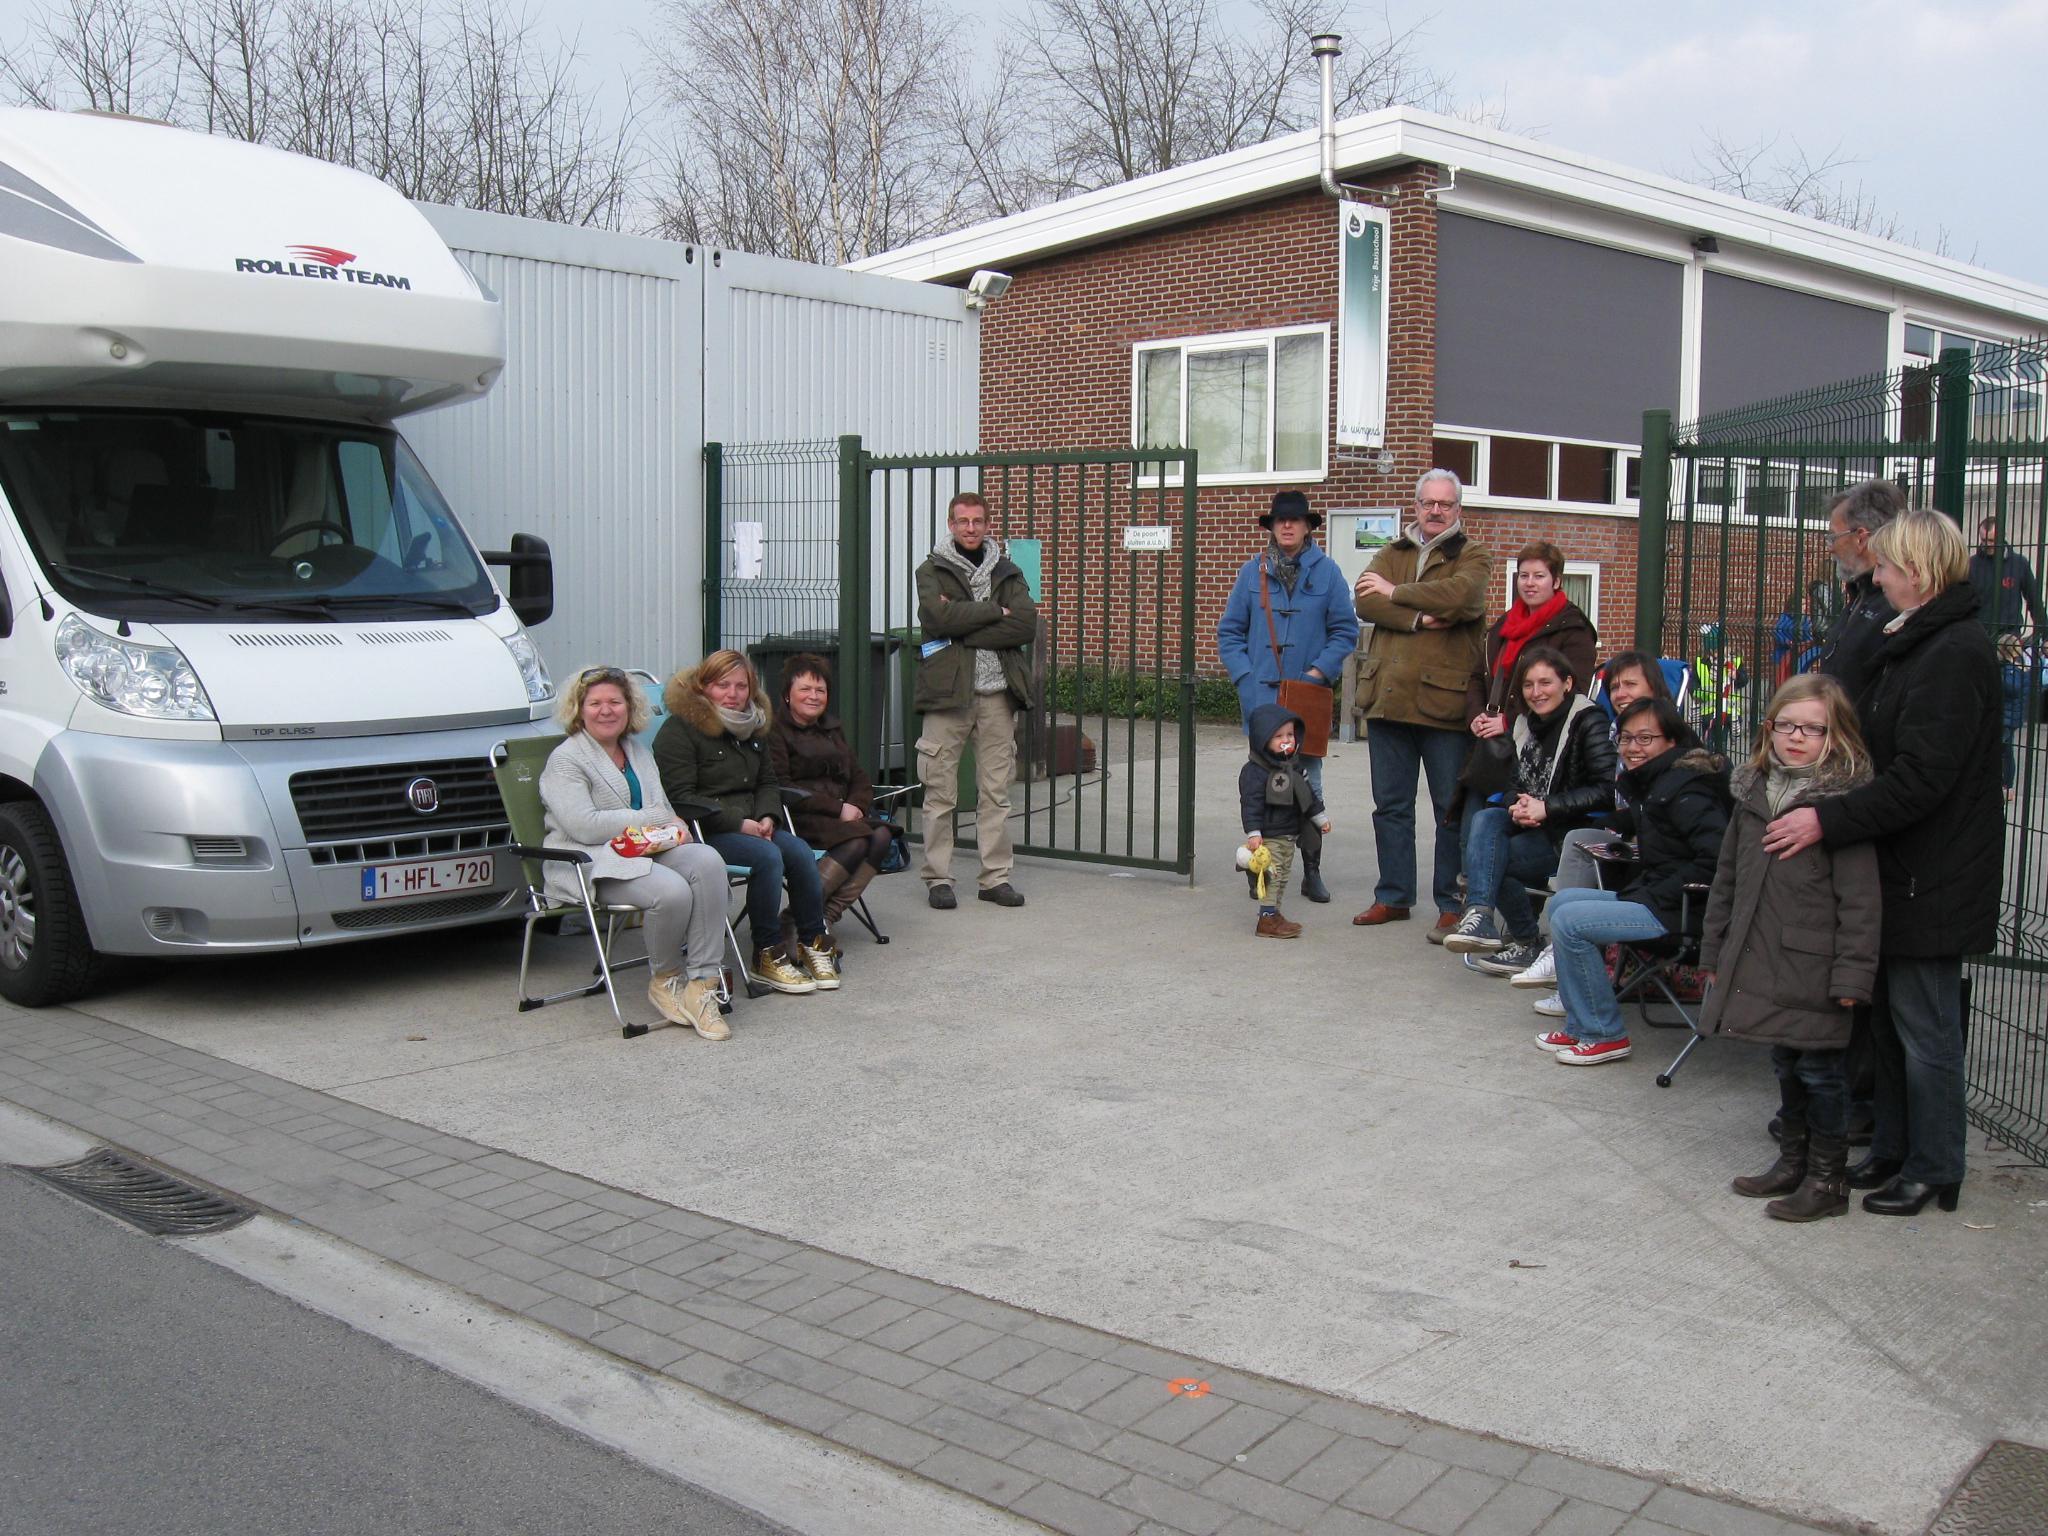 Gedaan met schoolkamperen - Het Nieuwsblad